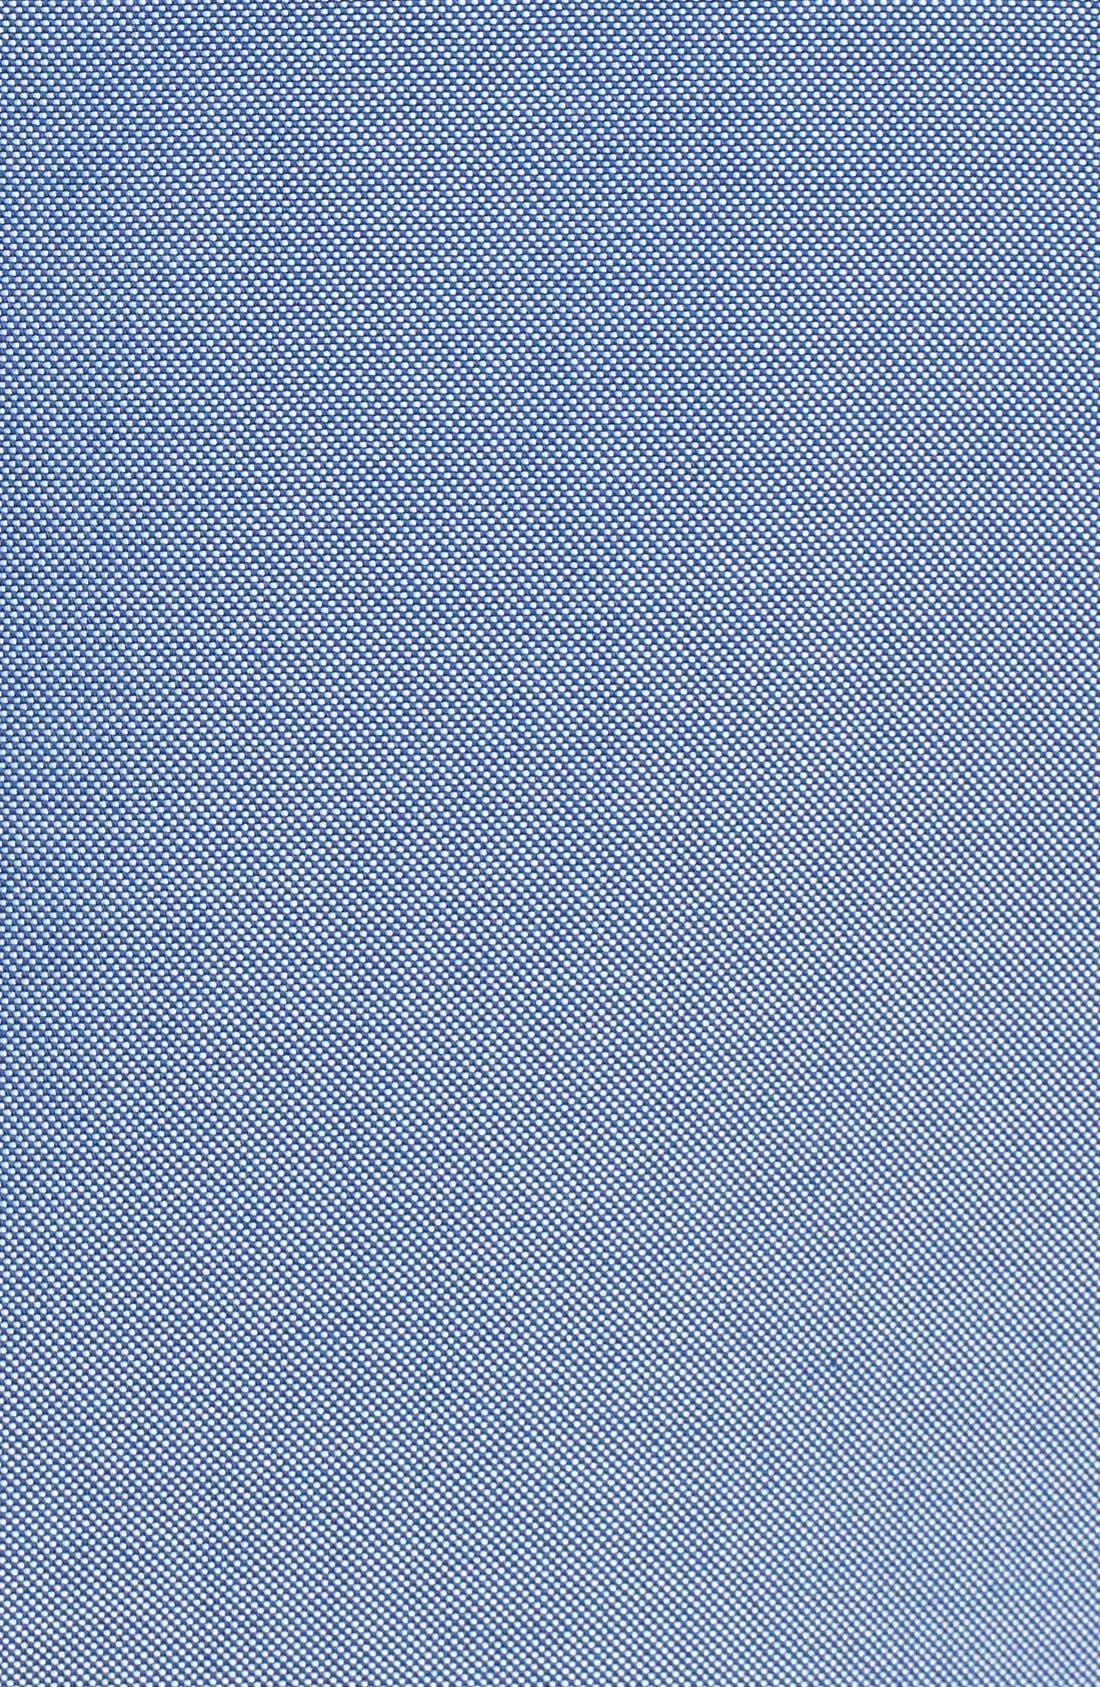 Alternate Image 3  - BOSS HUGO BOSS 'Morell' Regular Fit Sportcoat